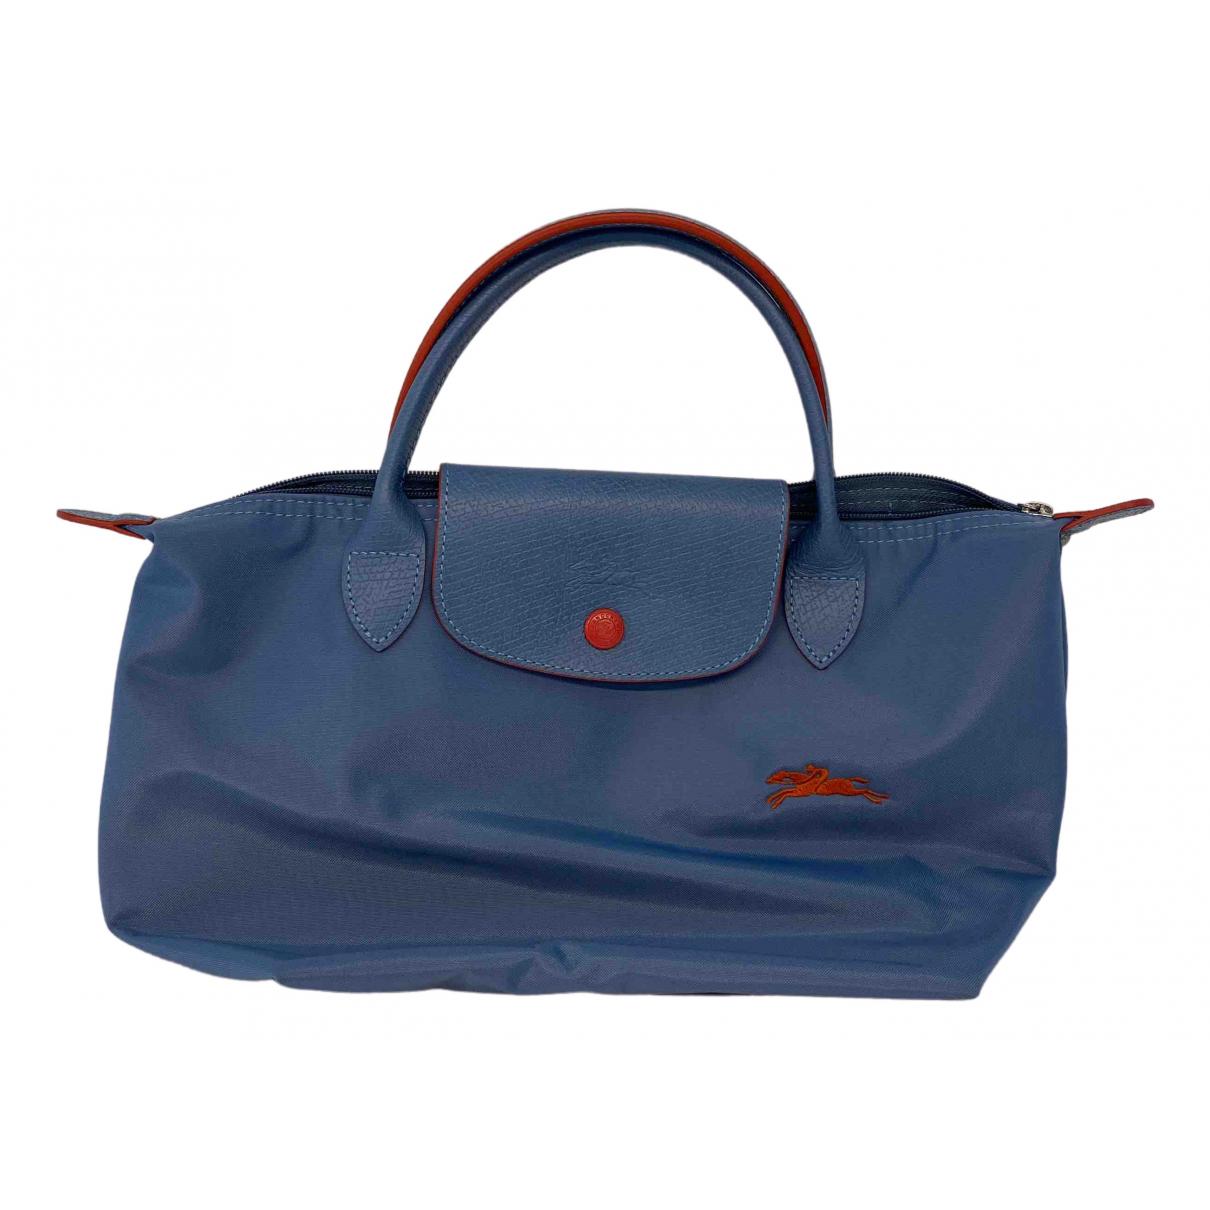 Longchamp - Sac a main Pliage  pour femme - bleu